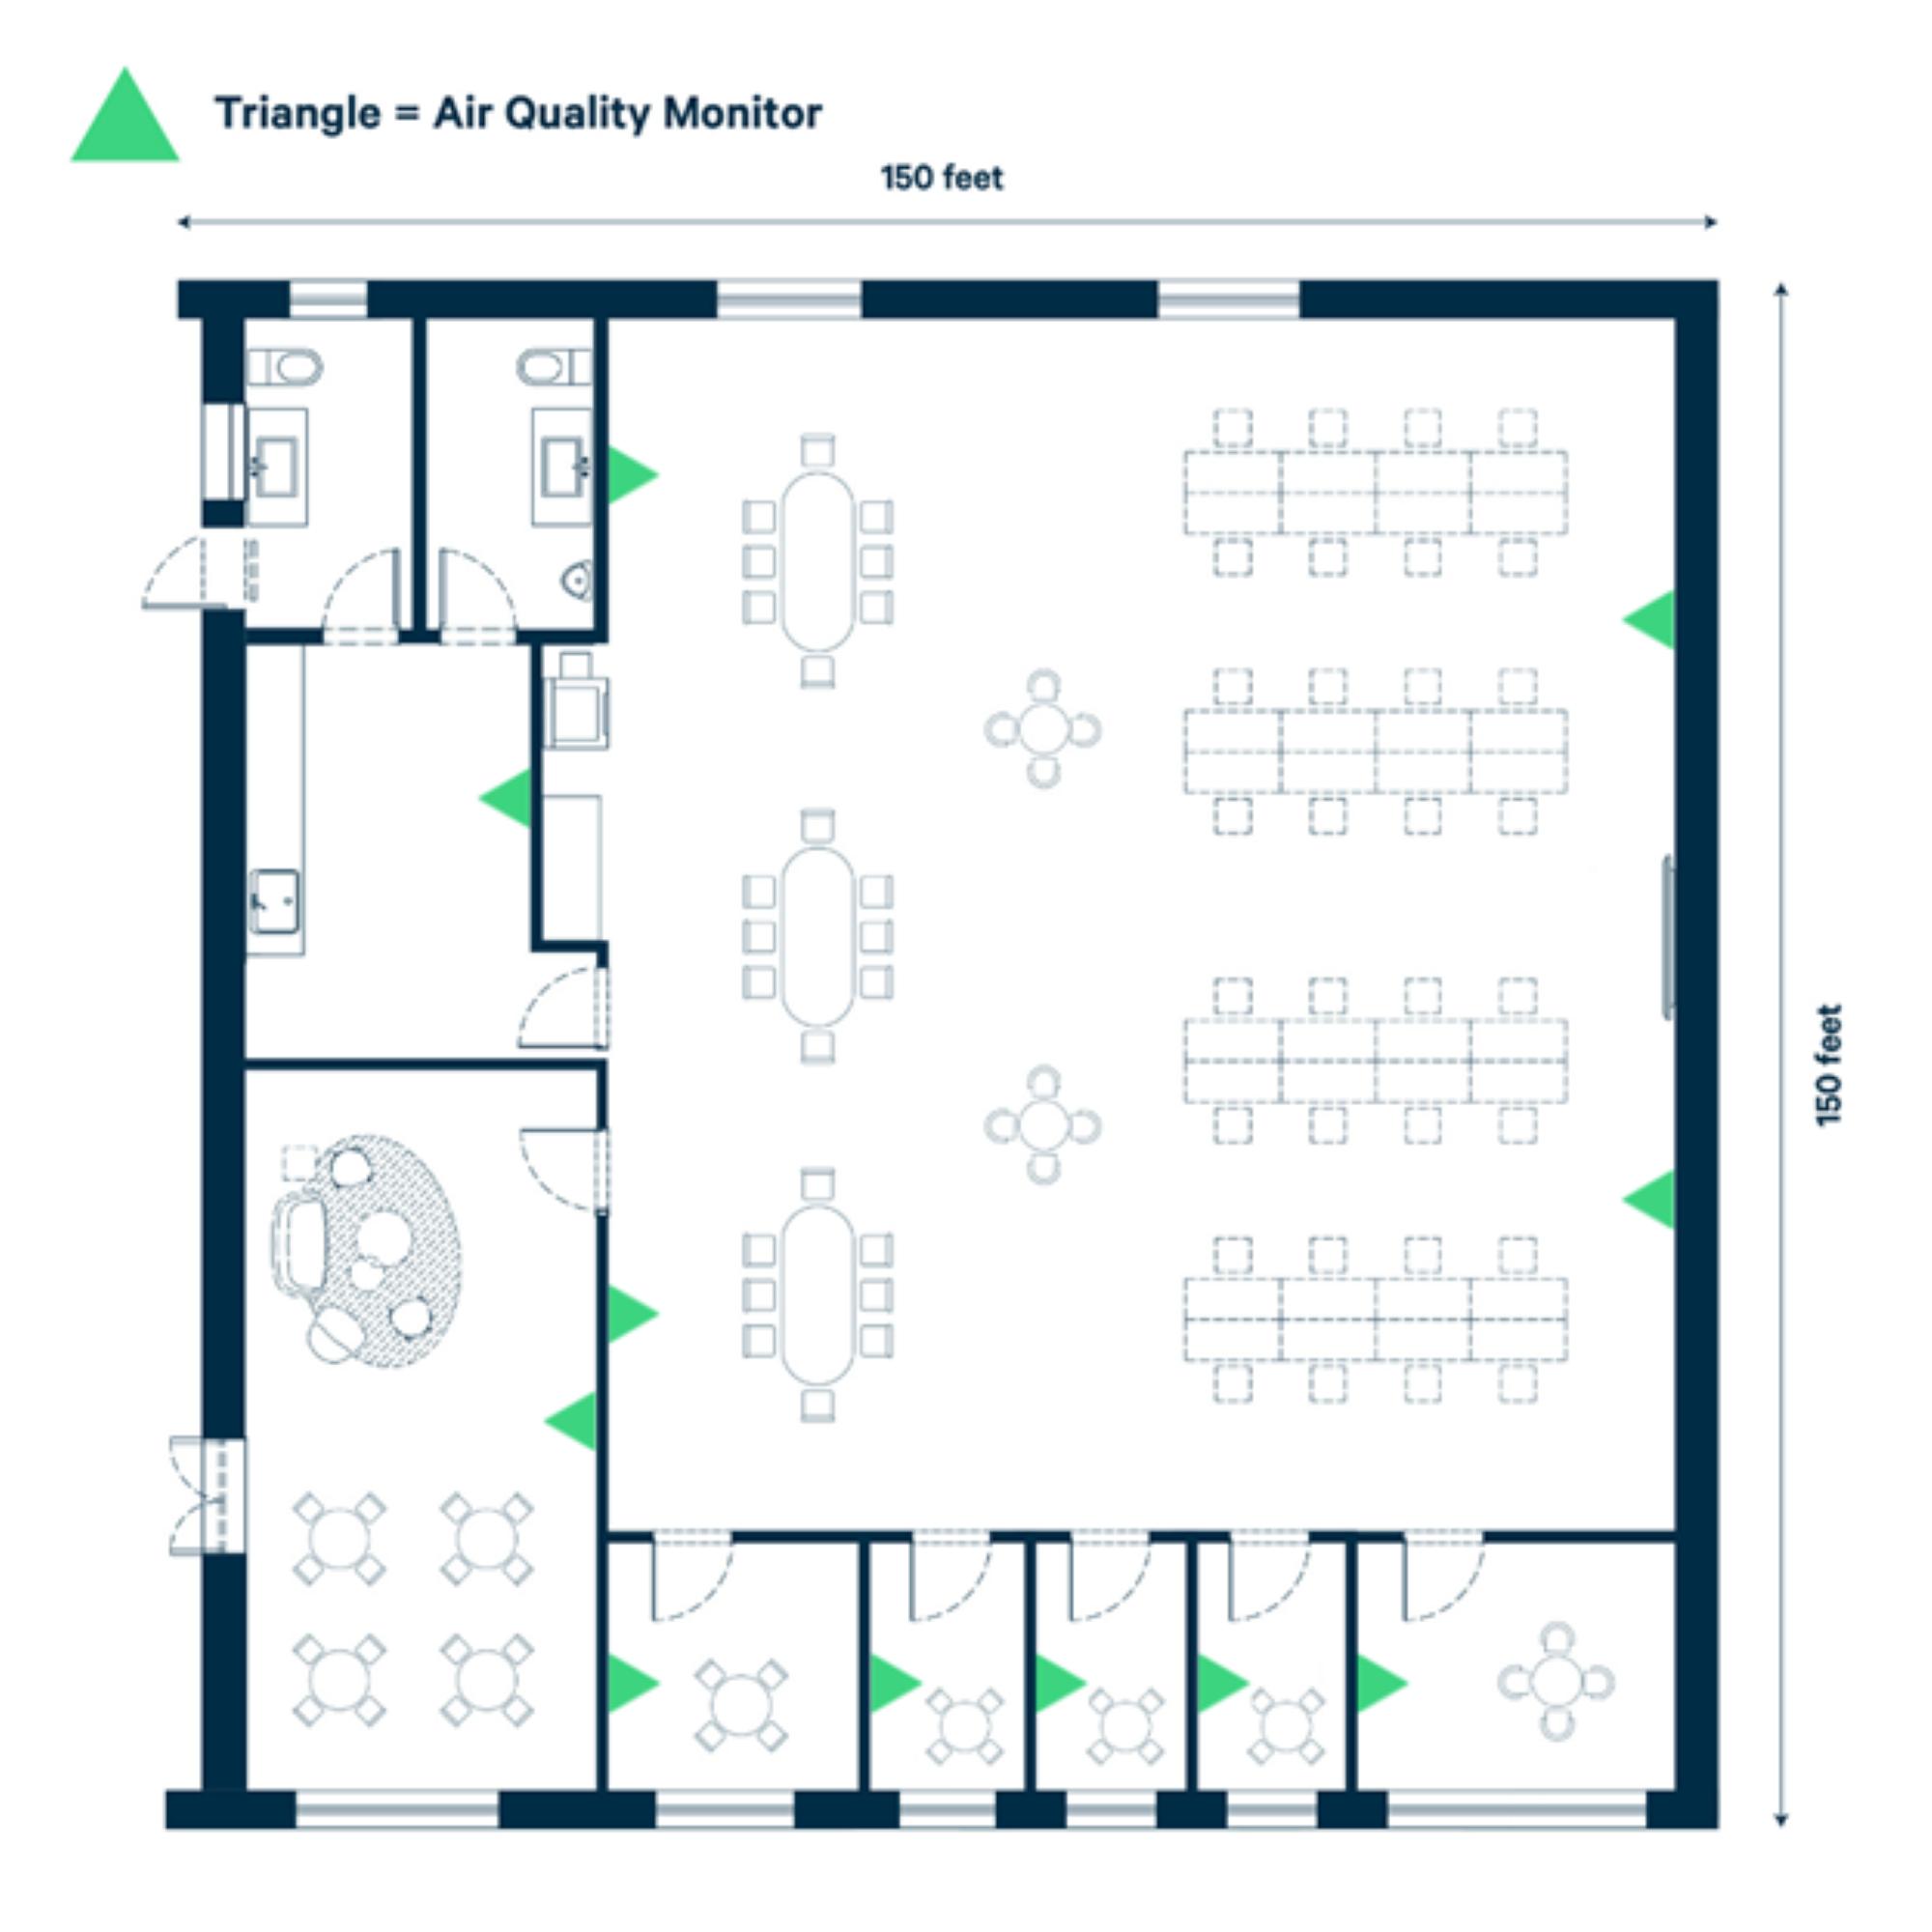 aqm layout - resized